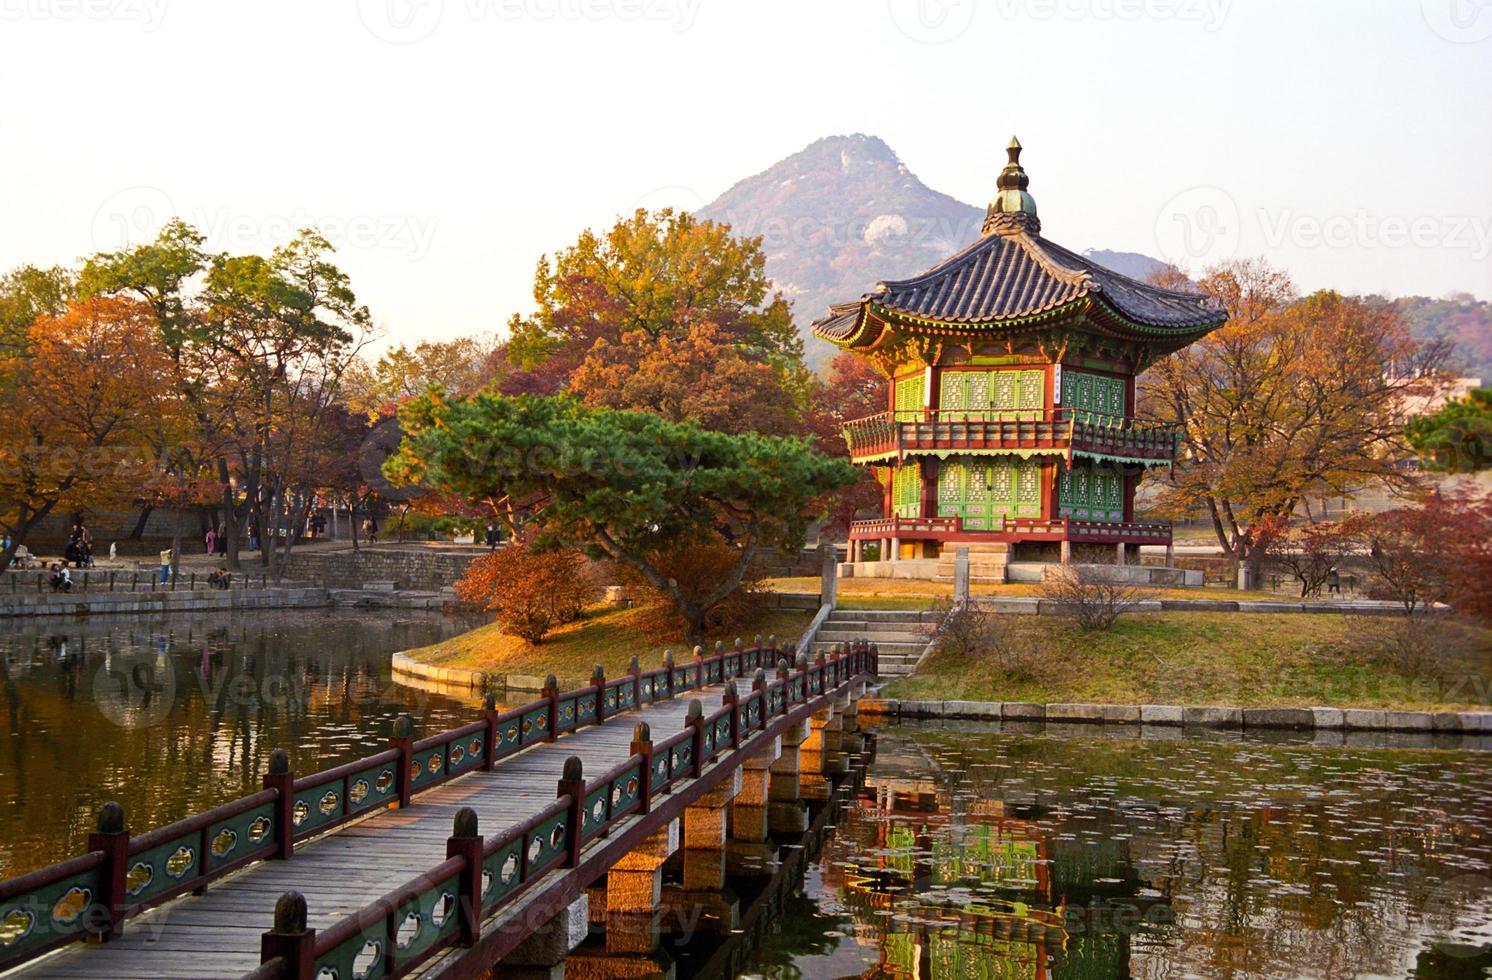 pagod vid solnedgången. foto